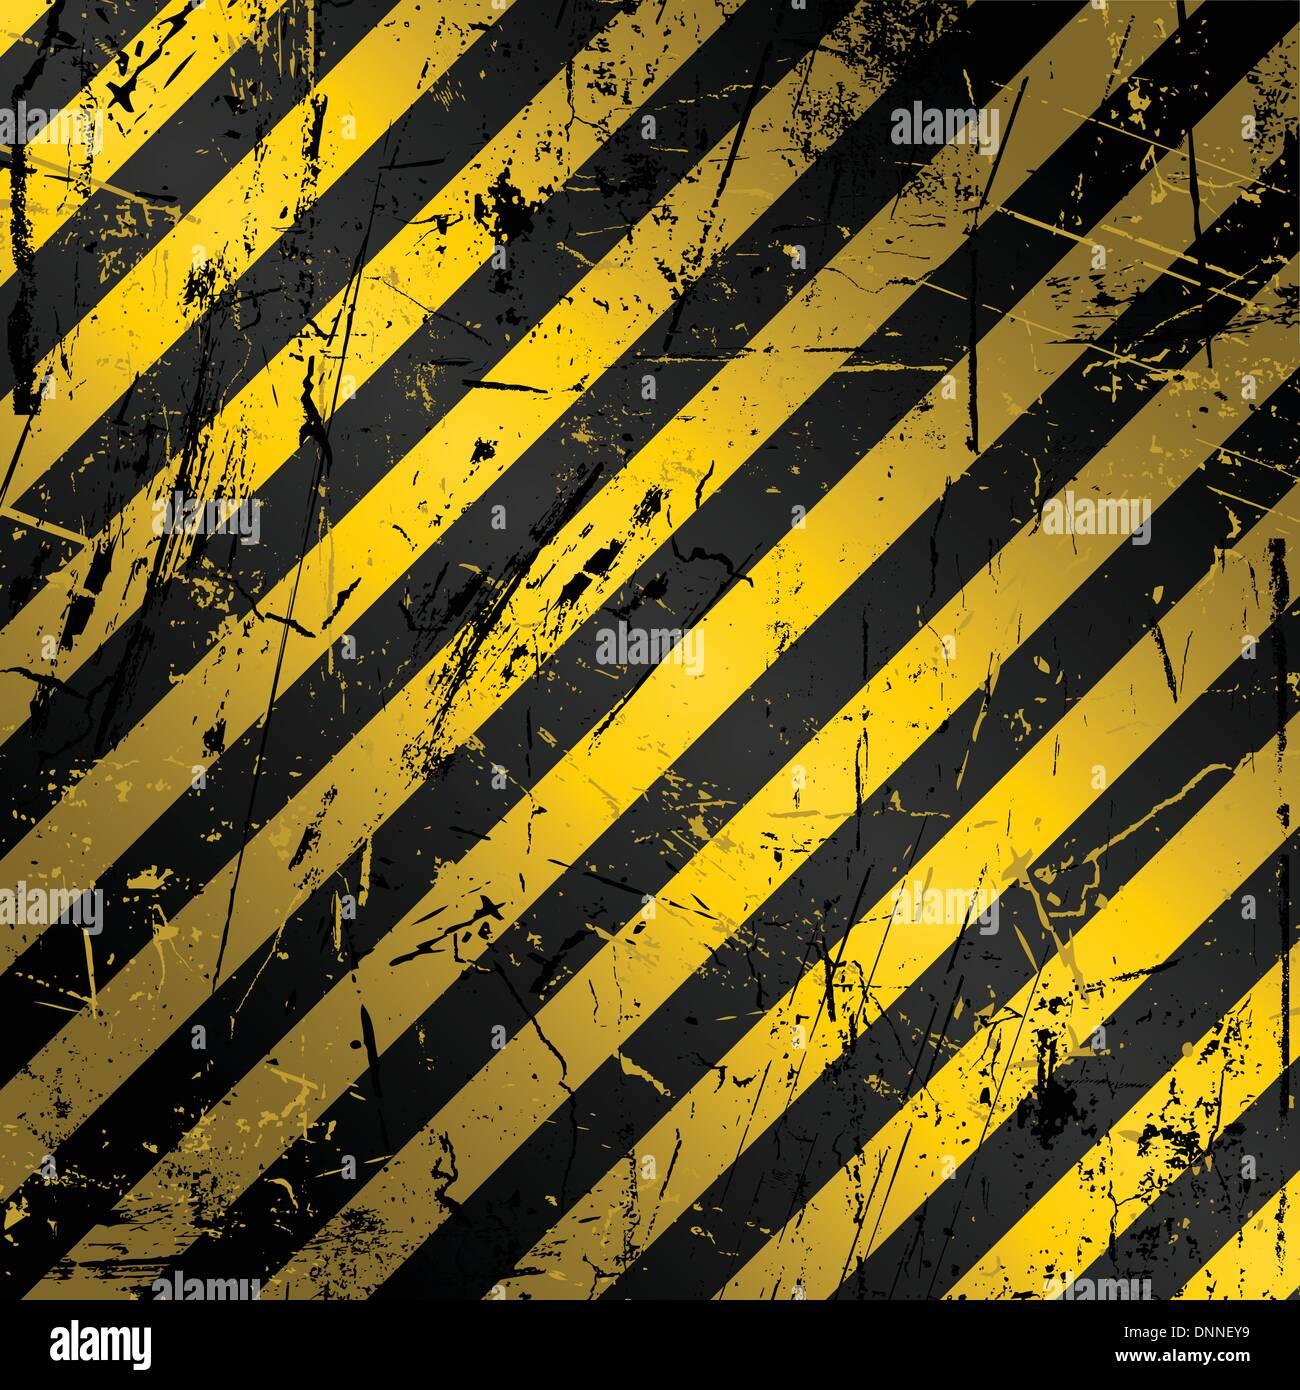 Textured grunge sfondo di costruzione in giallo e nero Immagini Stock